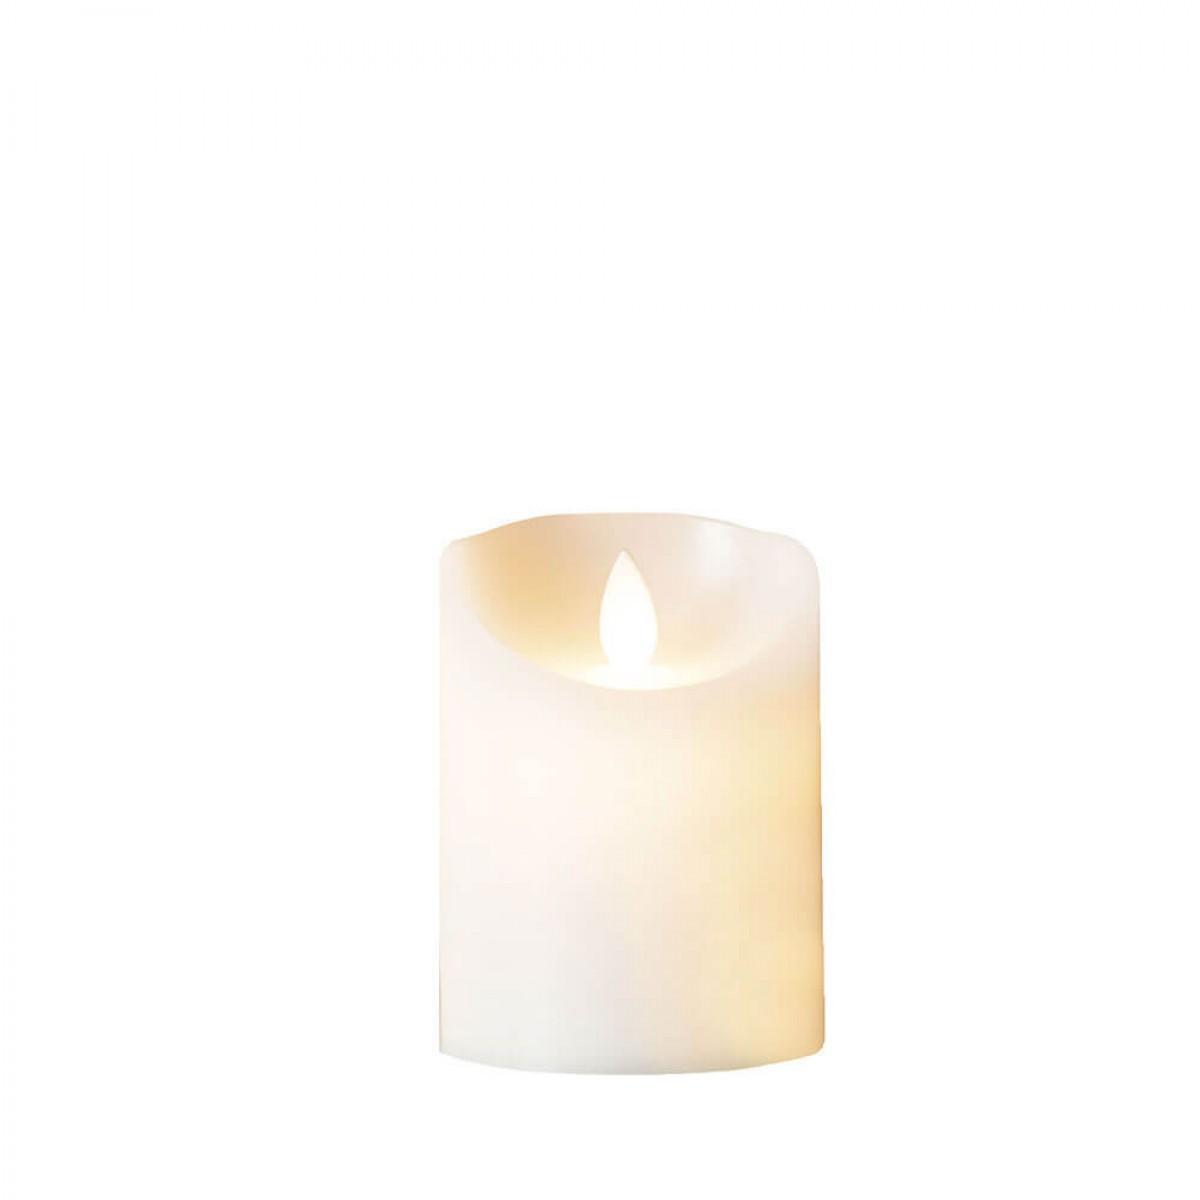 DA´CORE Bloklys m/bevægelig flamme og chip ø 7,5 cm h. 10 cm